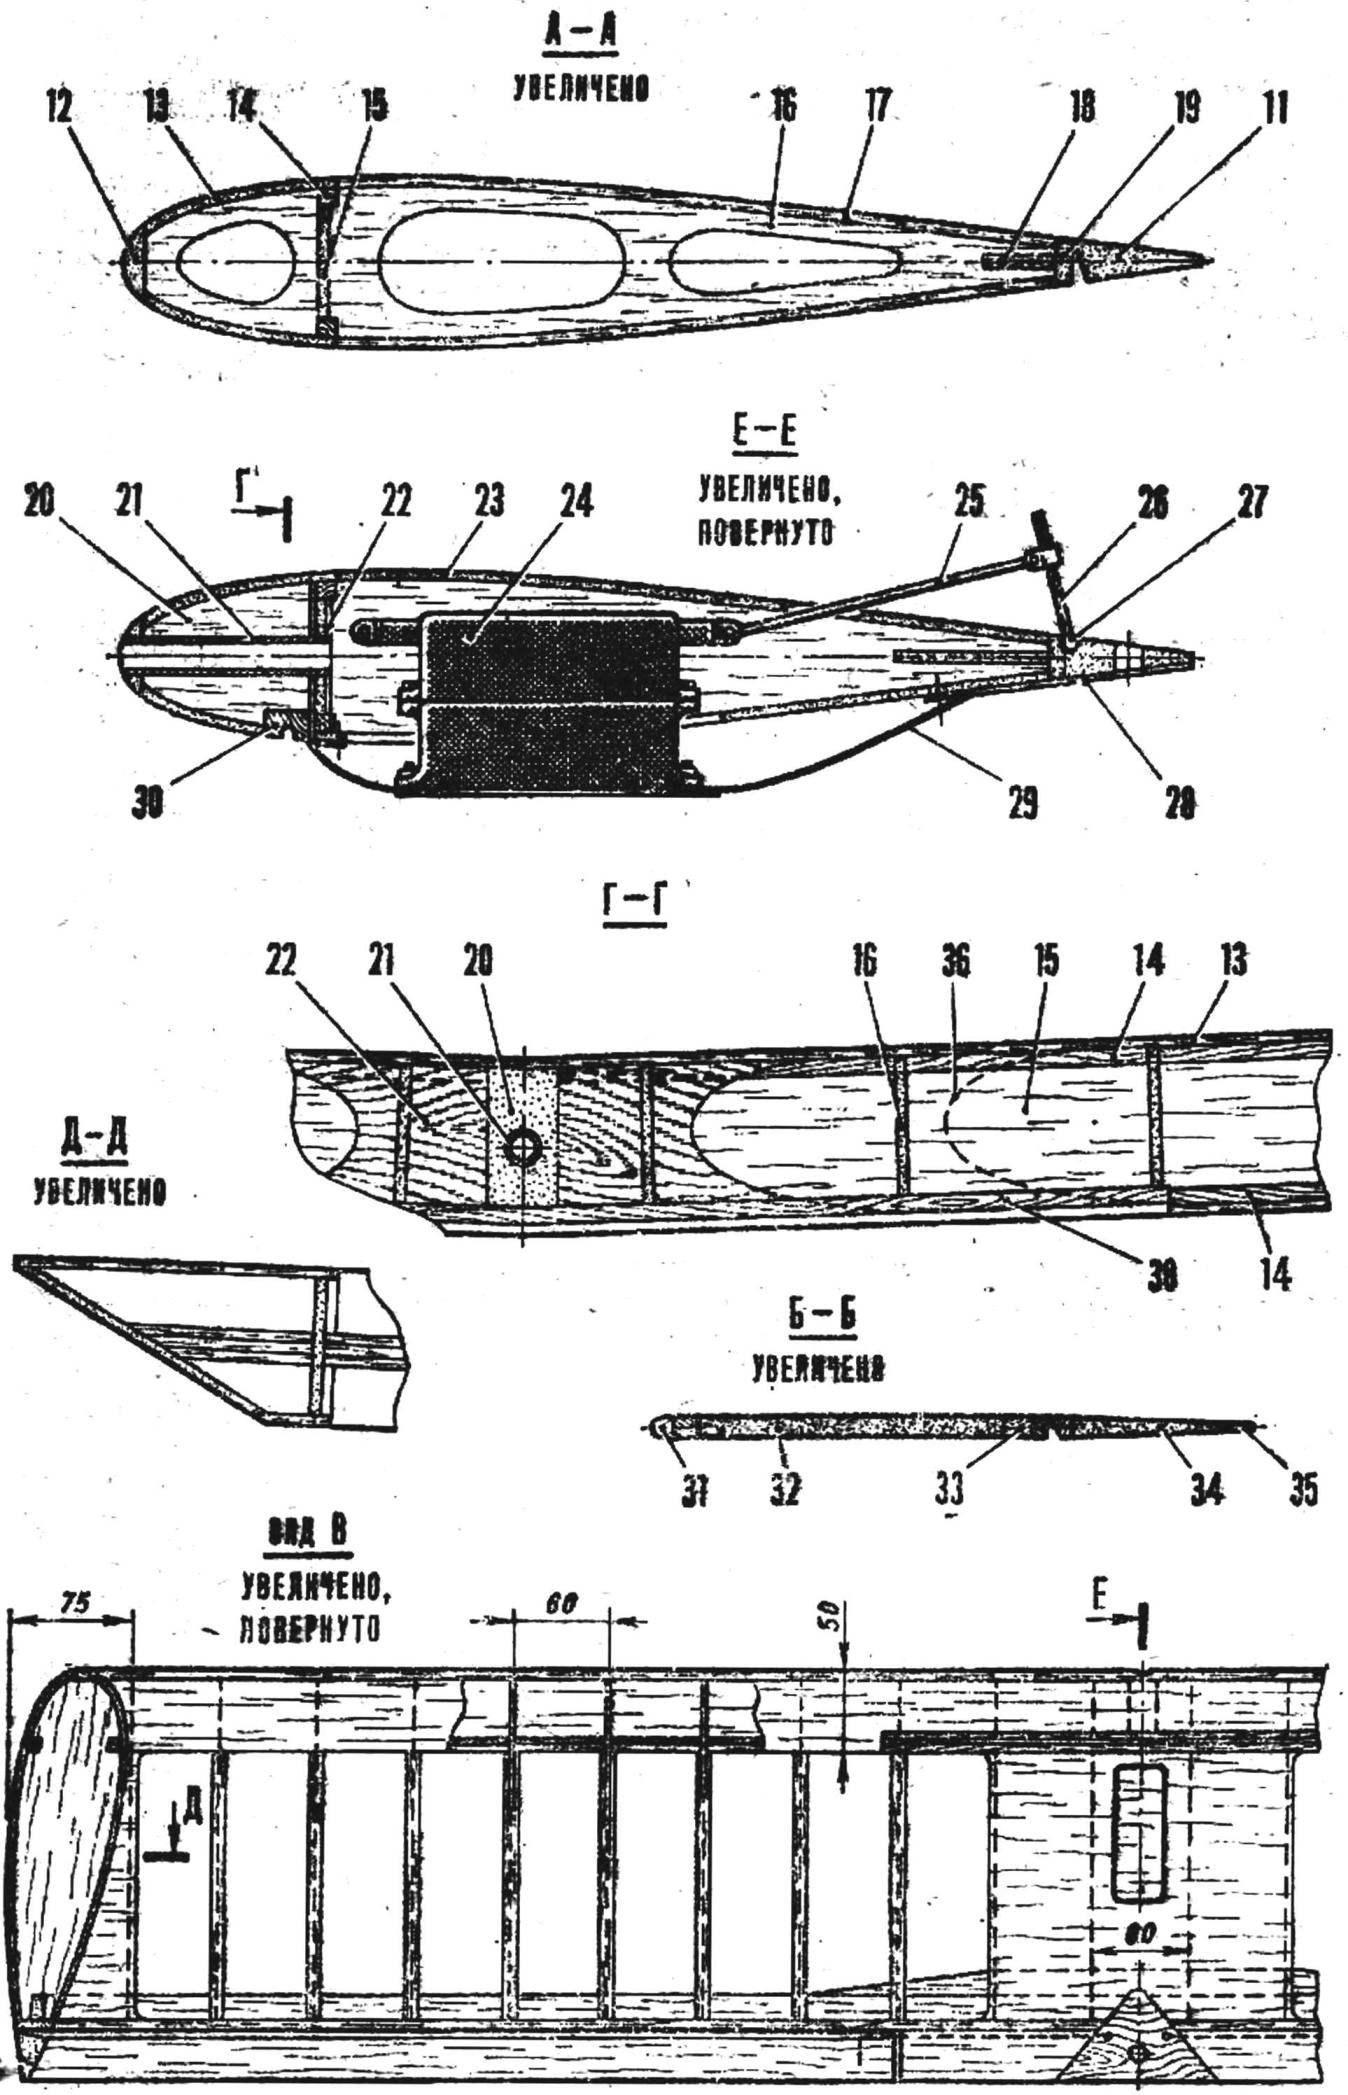 Рис. 1. Учебная радиоуправляемая пилотажная модель самолета